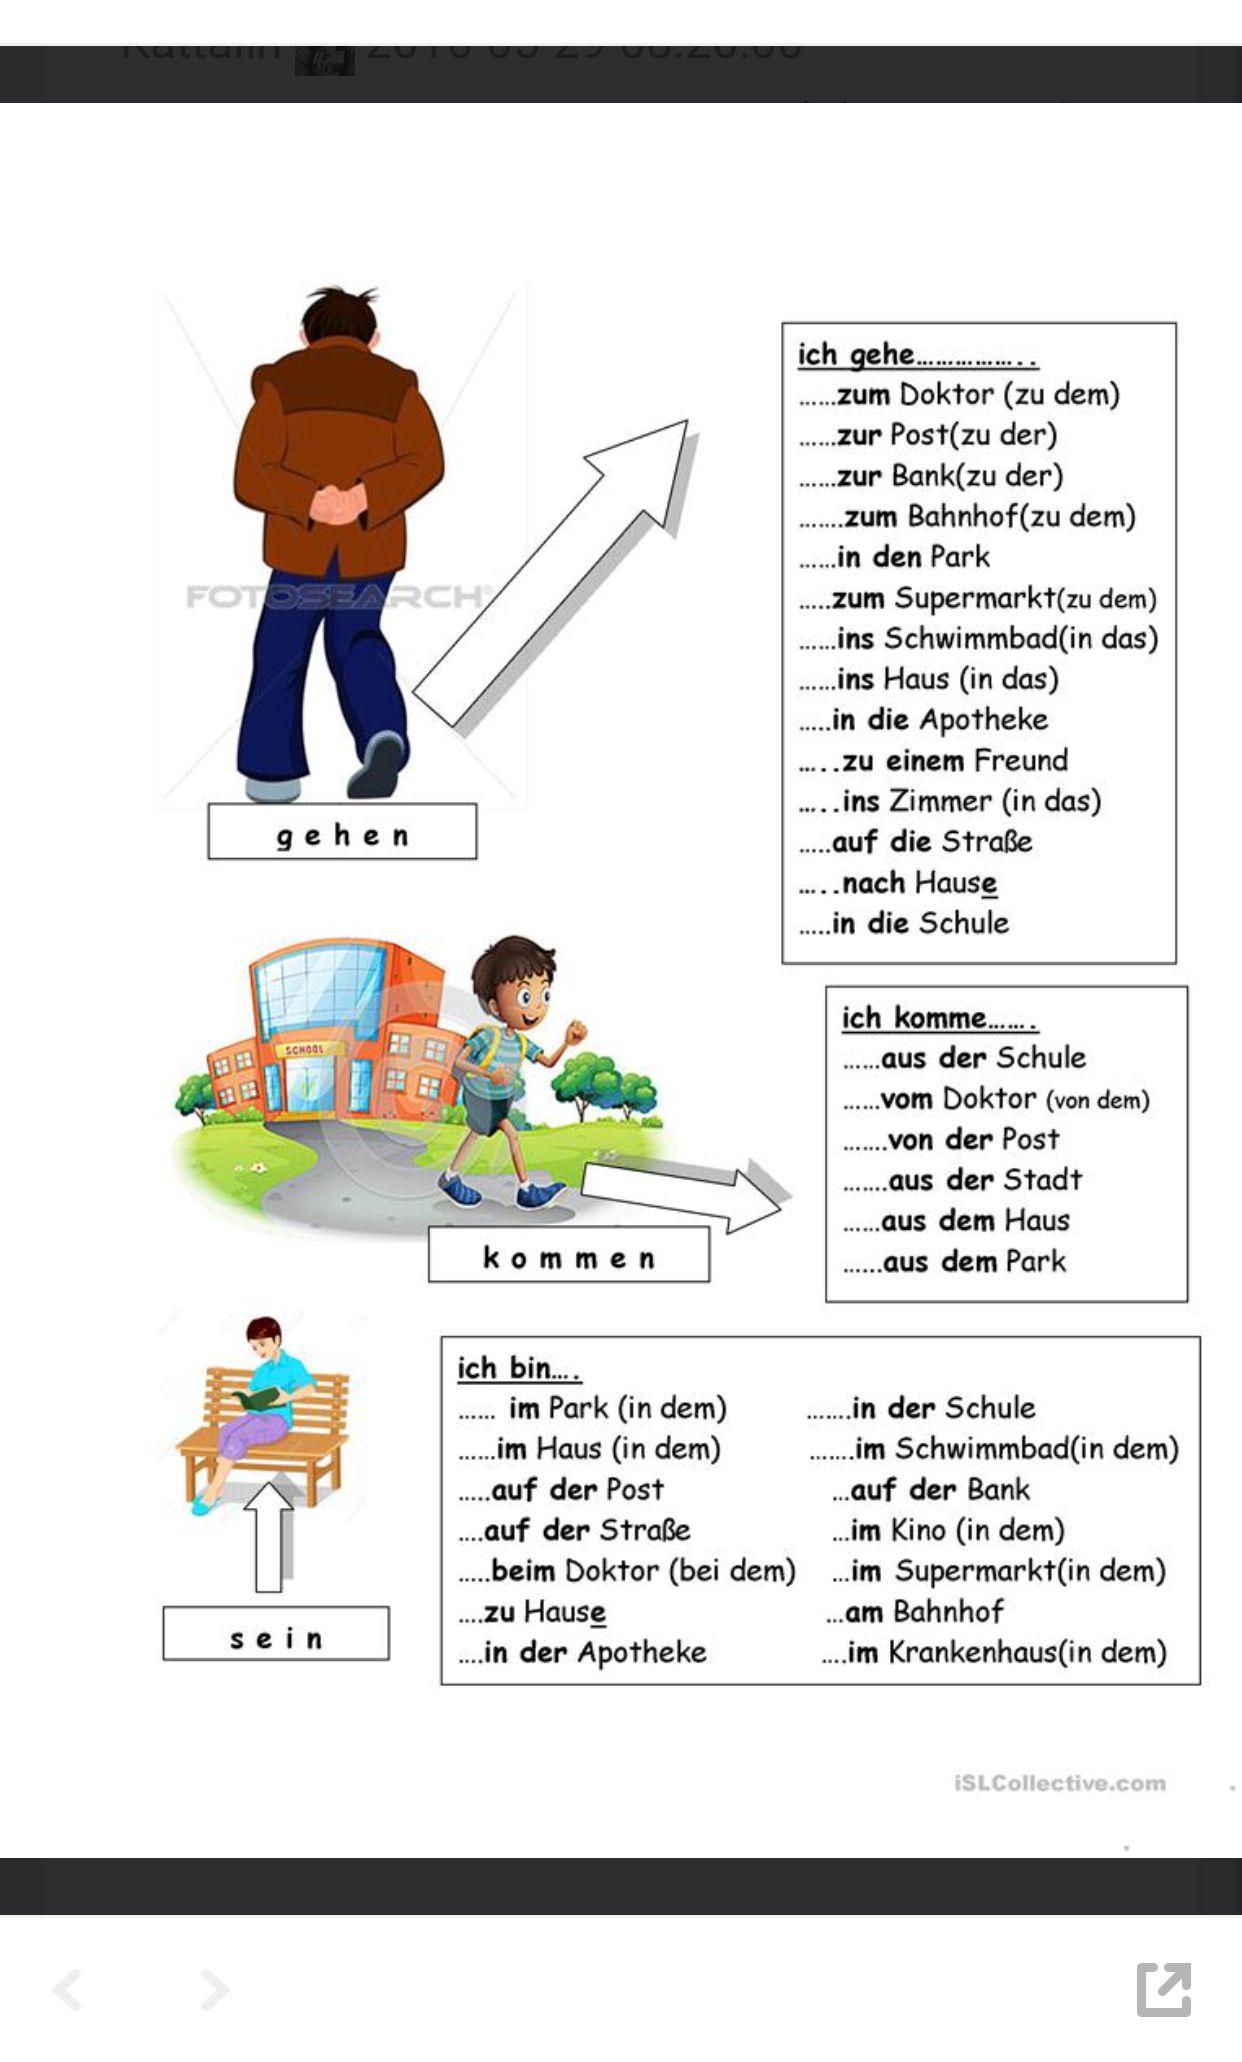 Pin von david bradshaw auf Deutsch | Pinterest | Deutsch, Deutsch ...